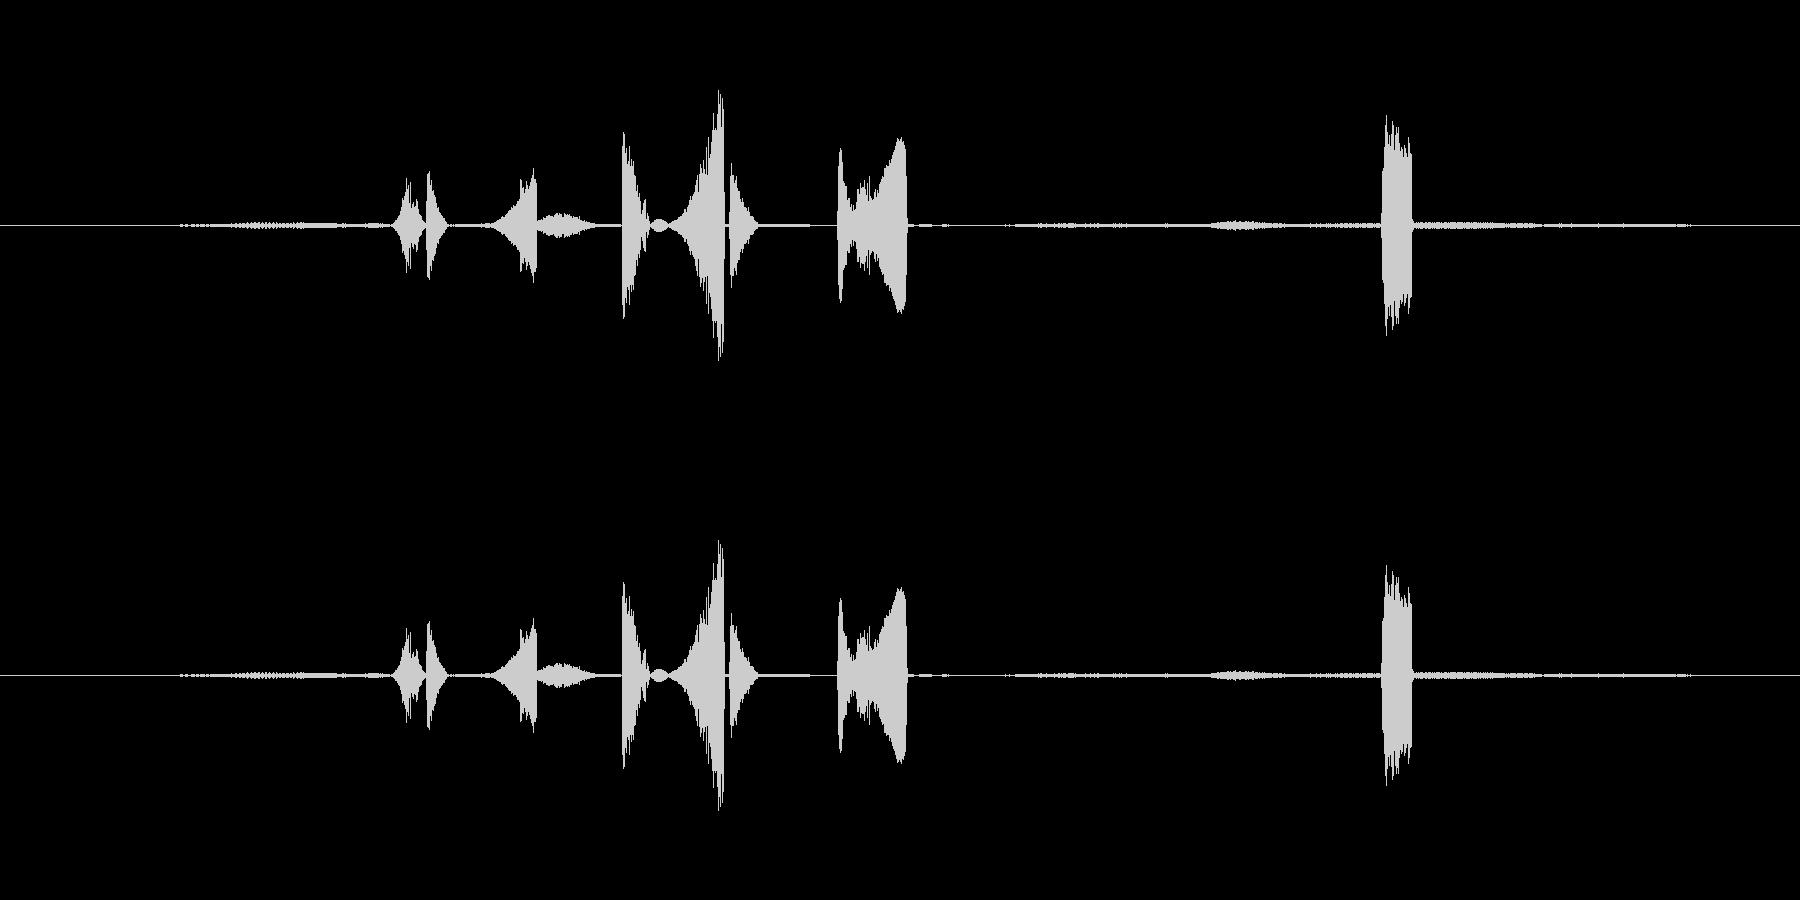 特撮 バブルを確認02の未再生の波形